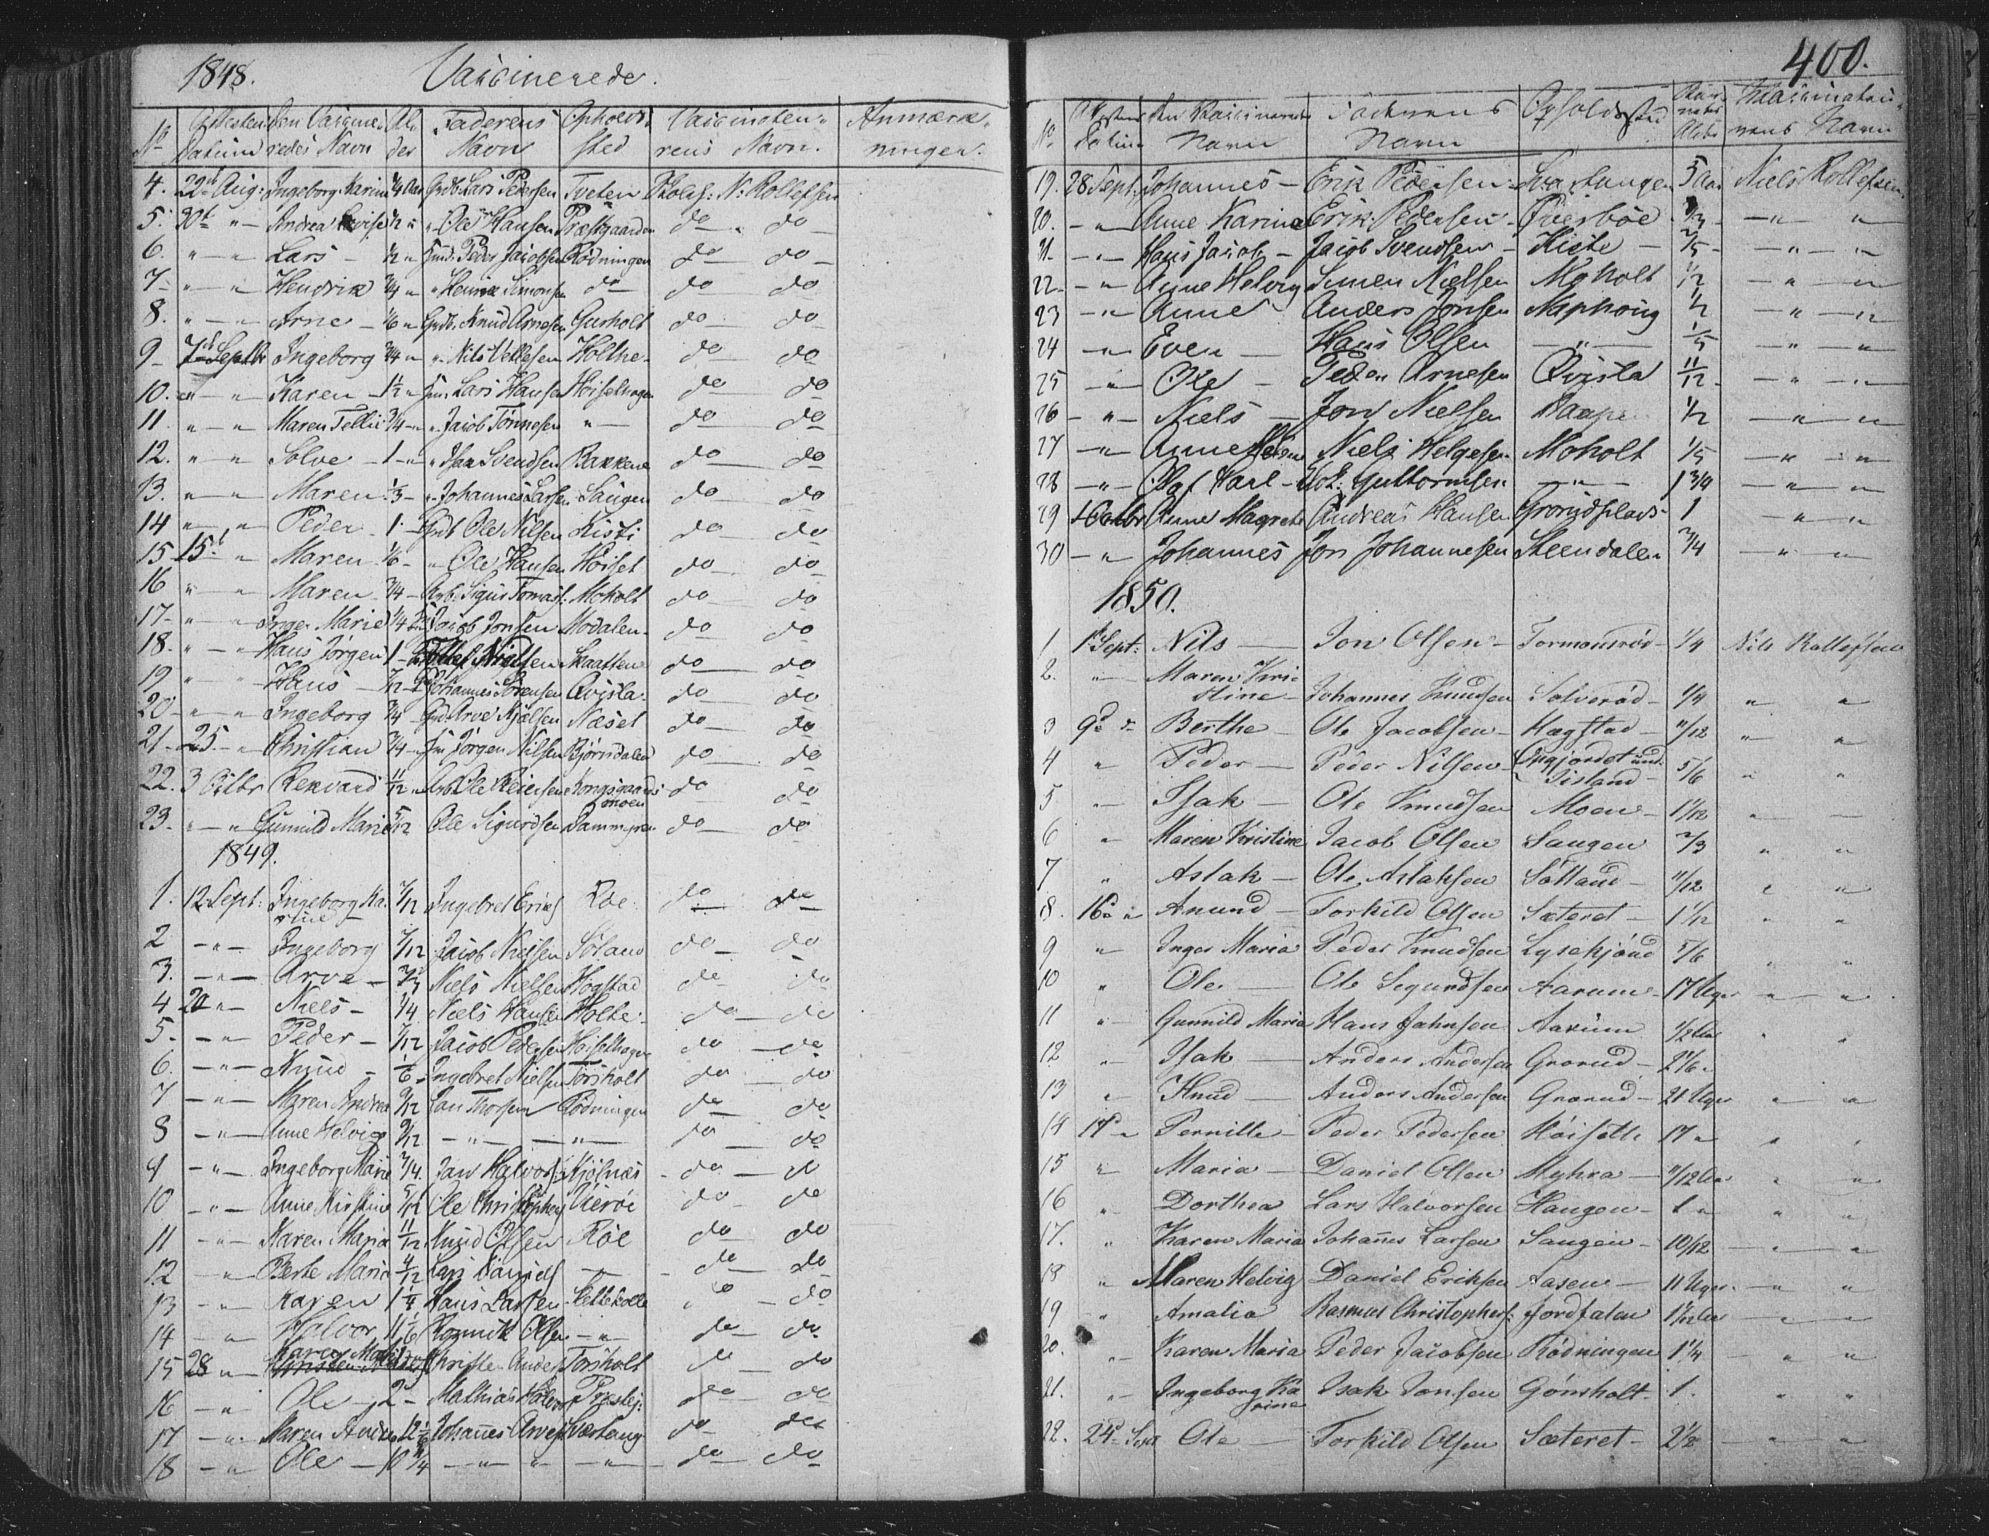 SAKO, Siljan kirkebøker, F/Fa/L0001: Ministerialbok nr. 1, 1831-1870, s. 400